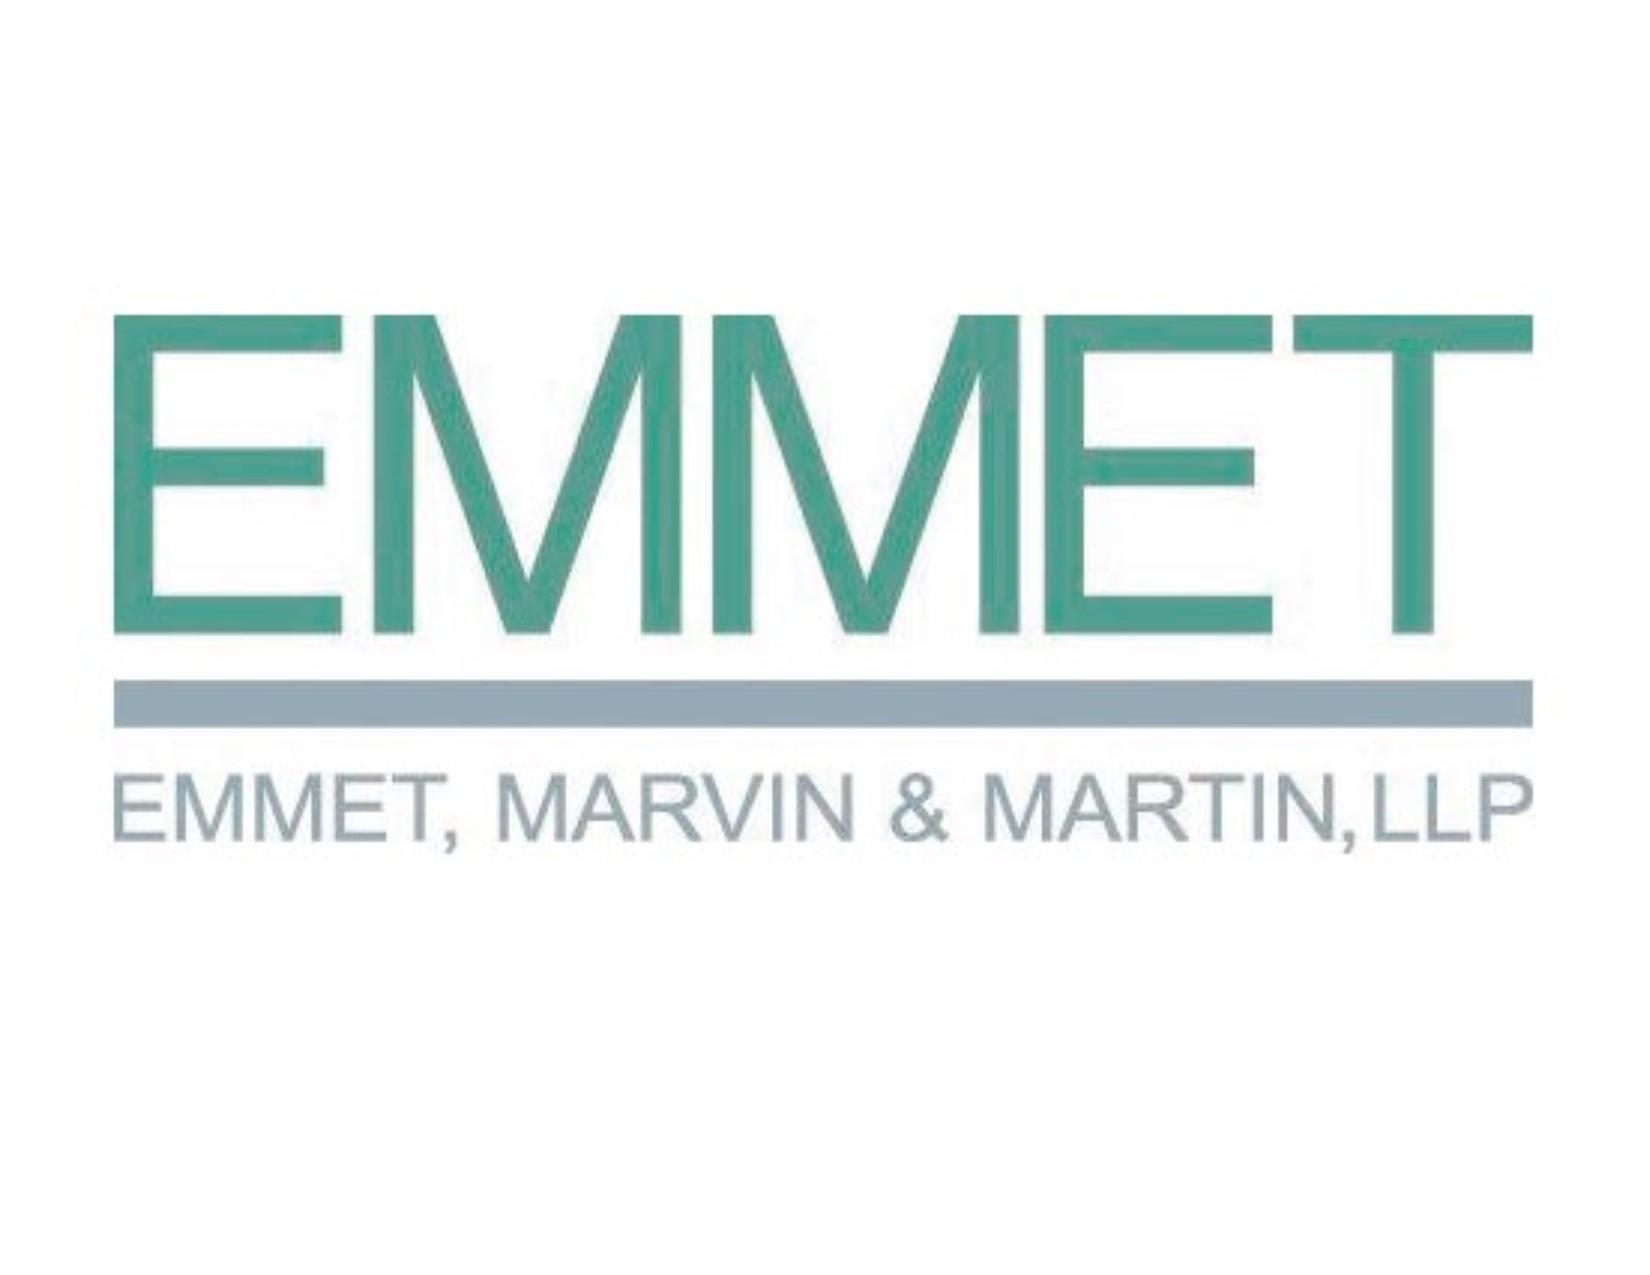 Emmet, Marvin & Martin LLP